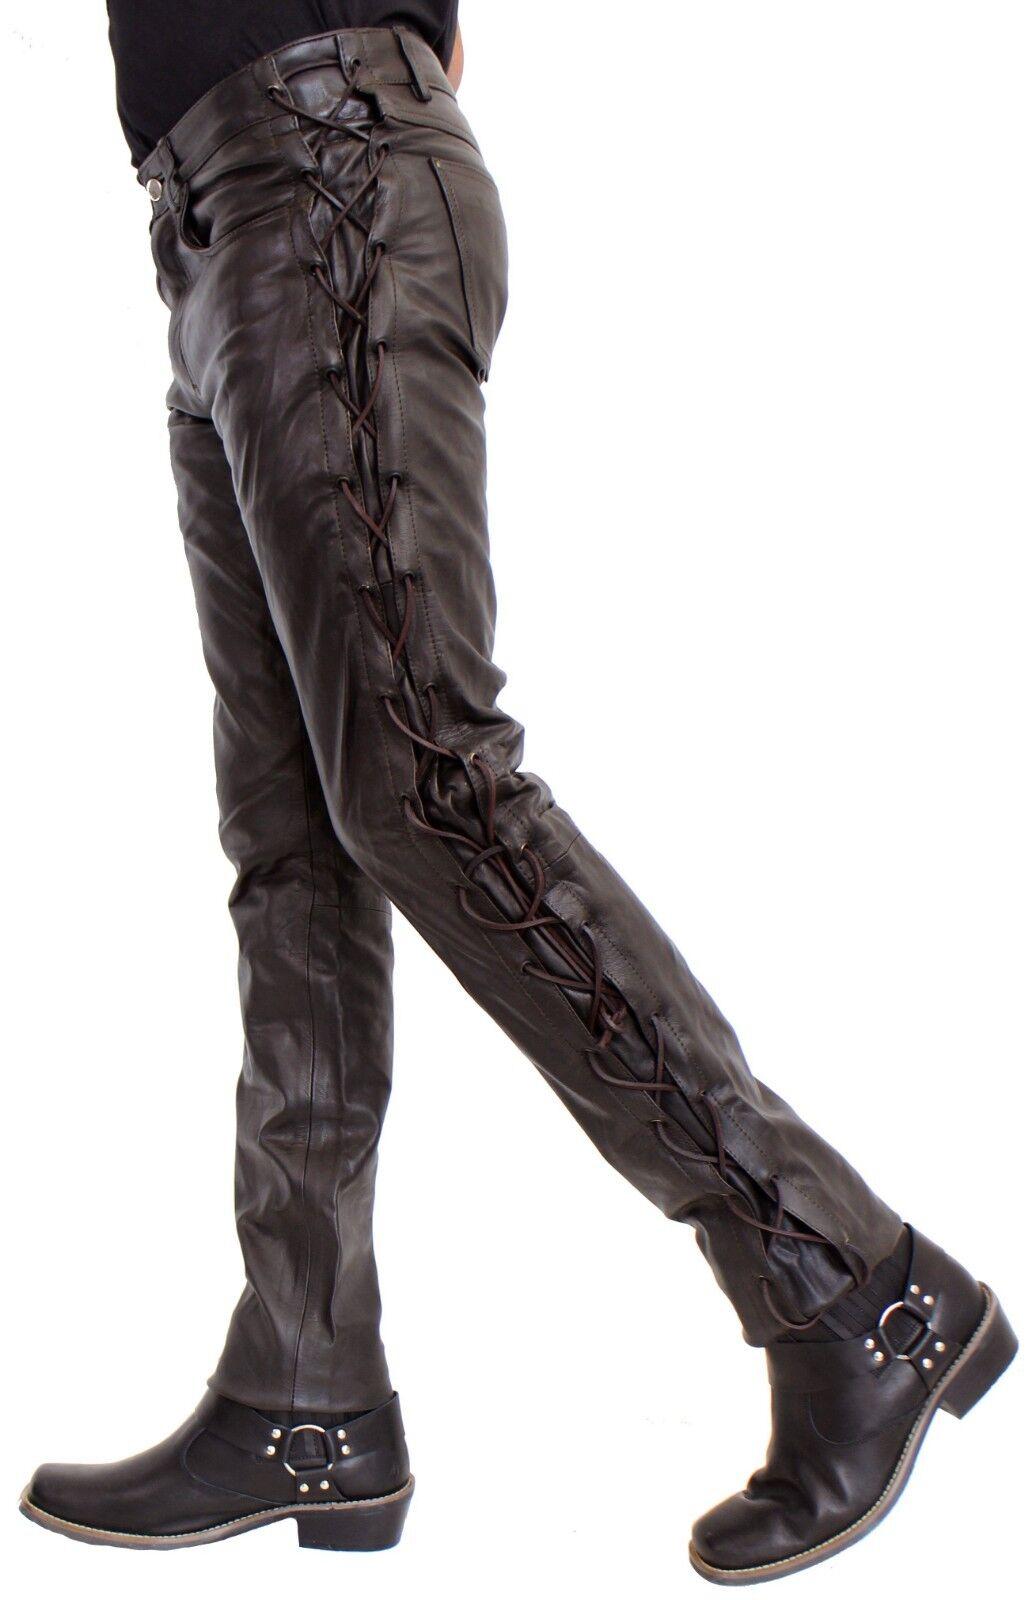 Schnürhose Bikerhose BOSS aus robustem robustem robustem Cow Waxy Leder in braun oder schwarz | Qualität Produkt  ab0563